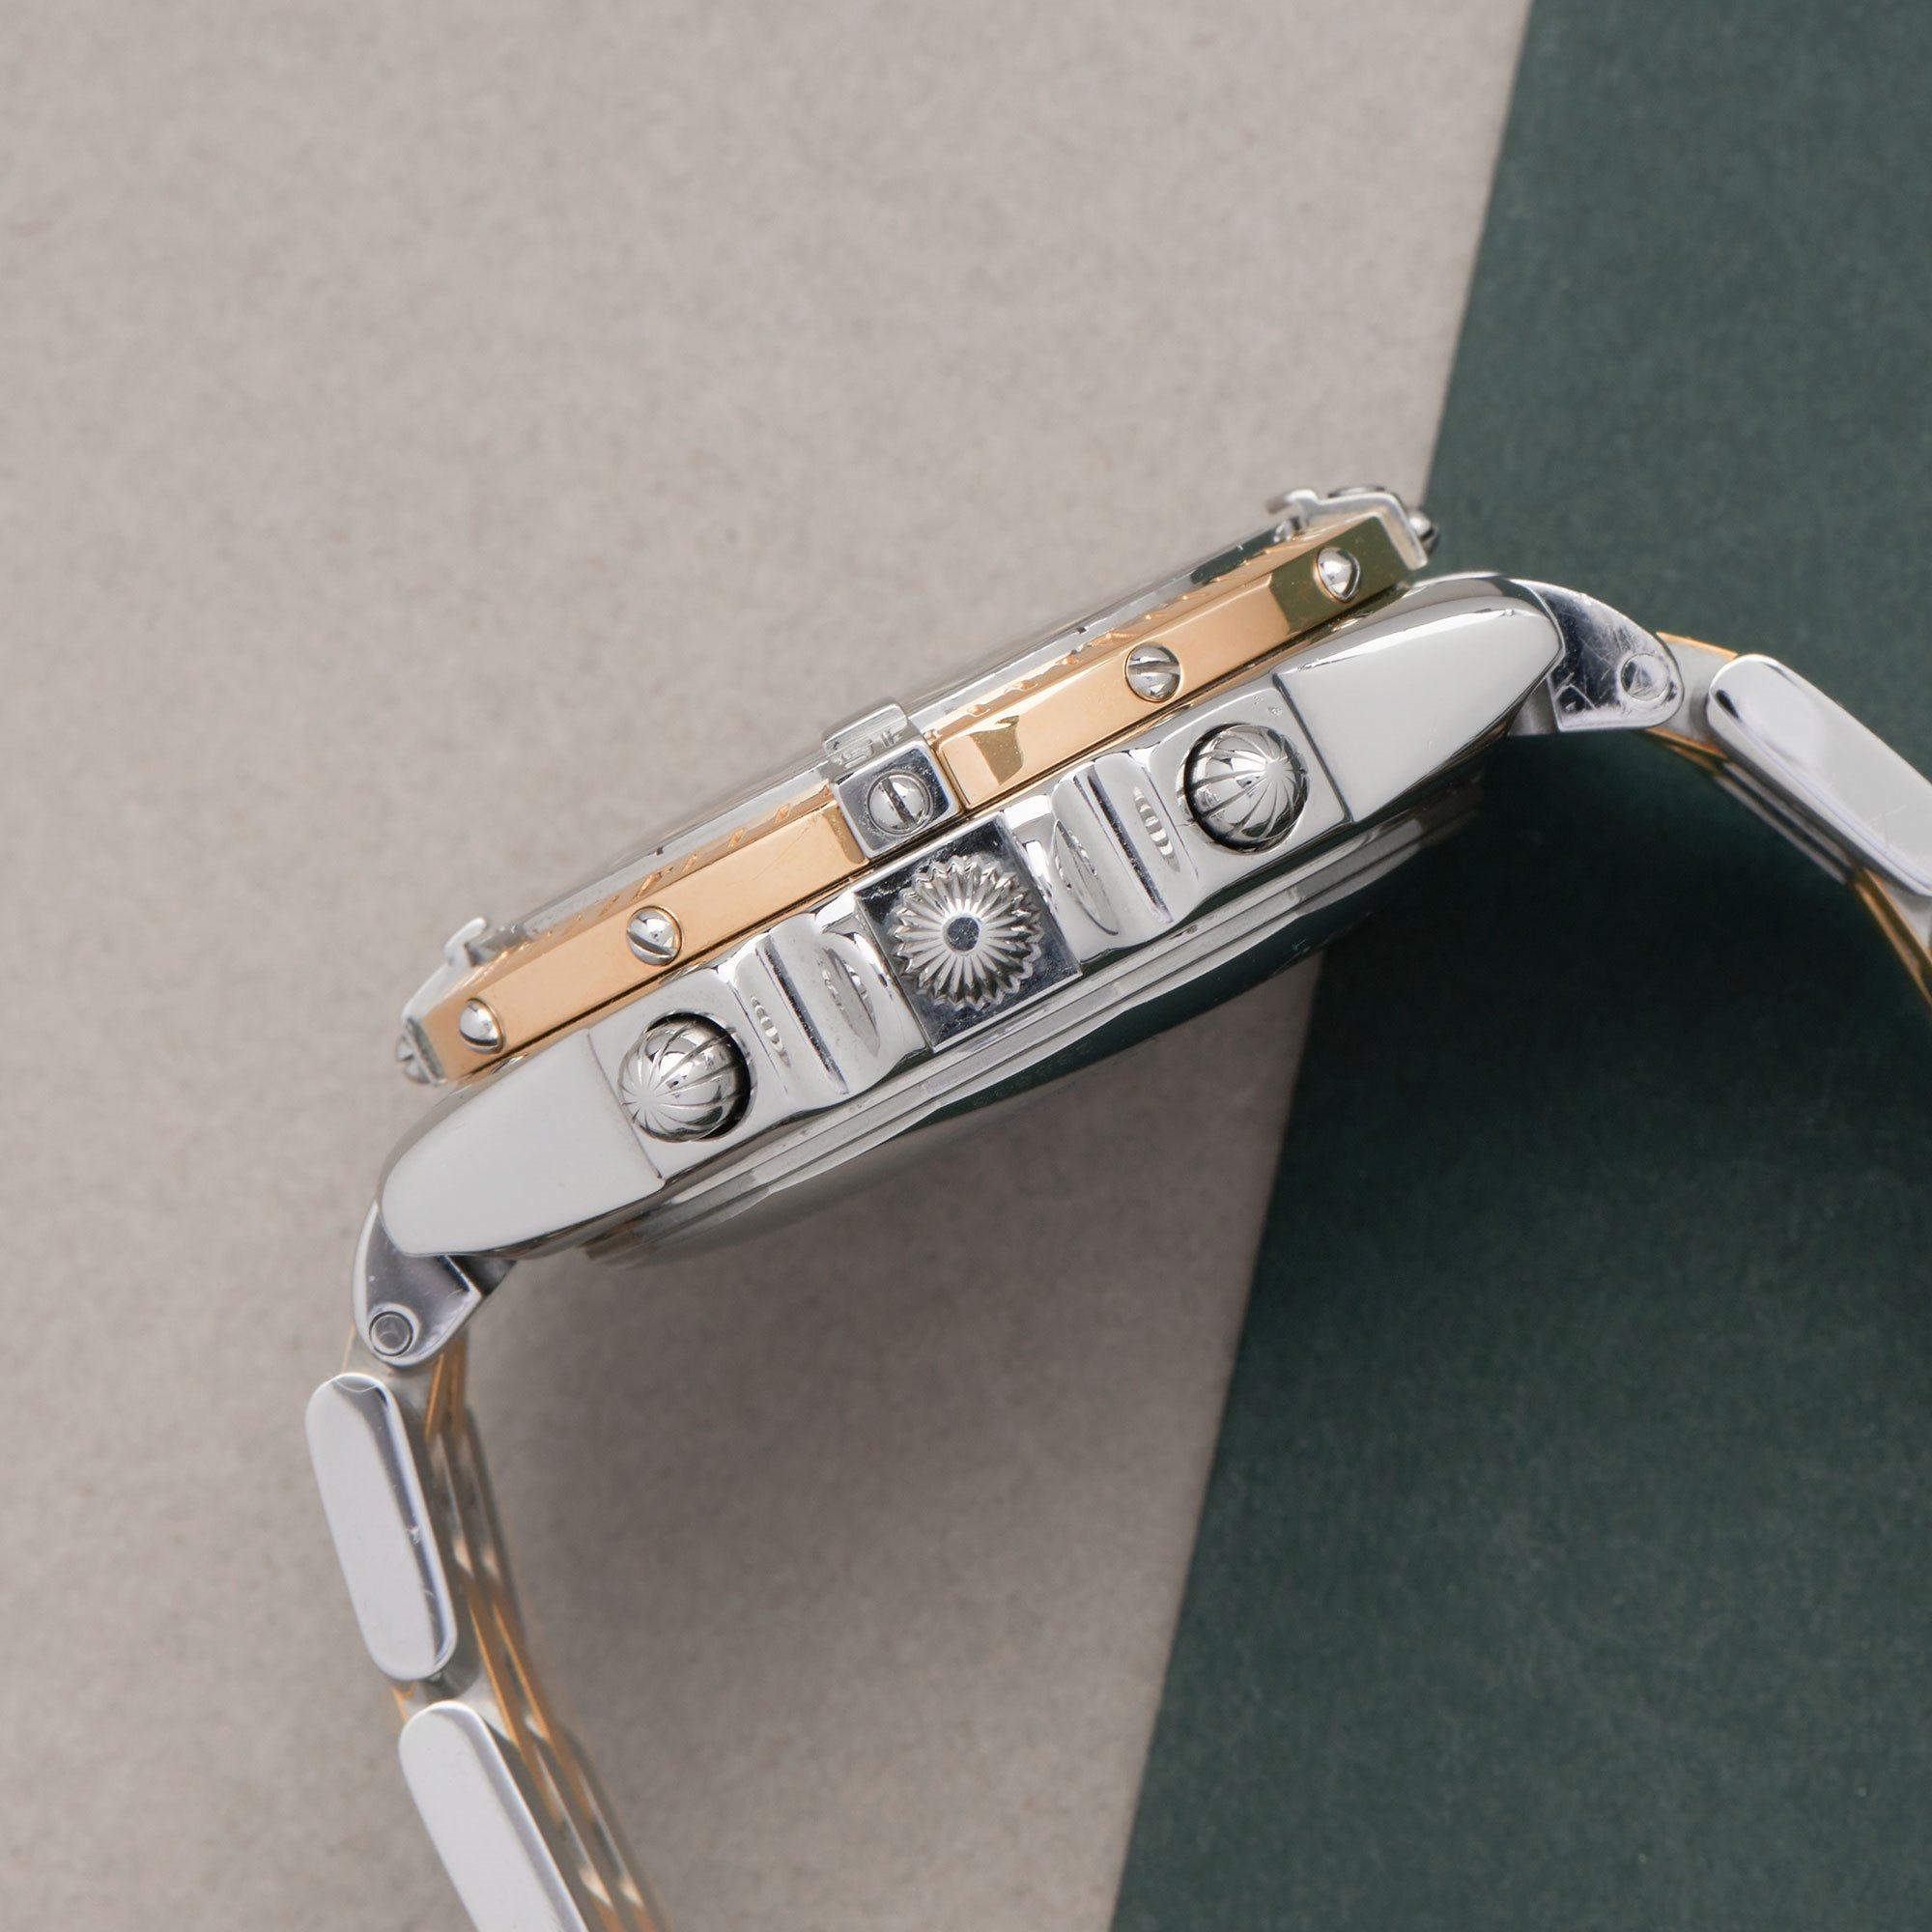 Breitling Chronomat 18K Yellow Gold & Stainless Steel D13352